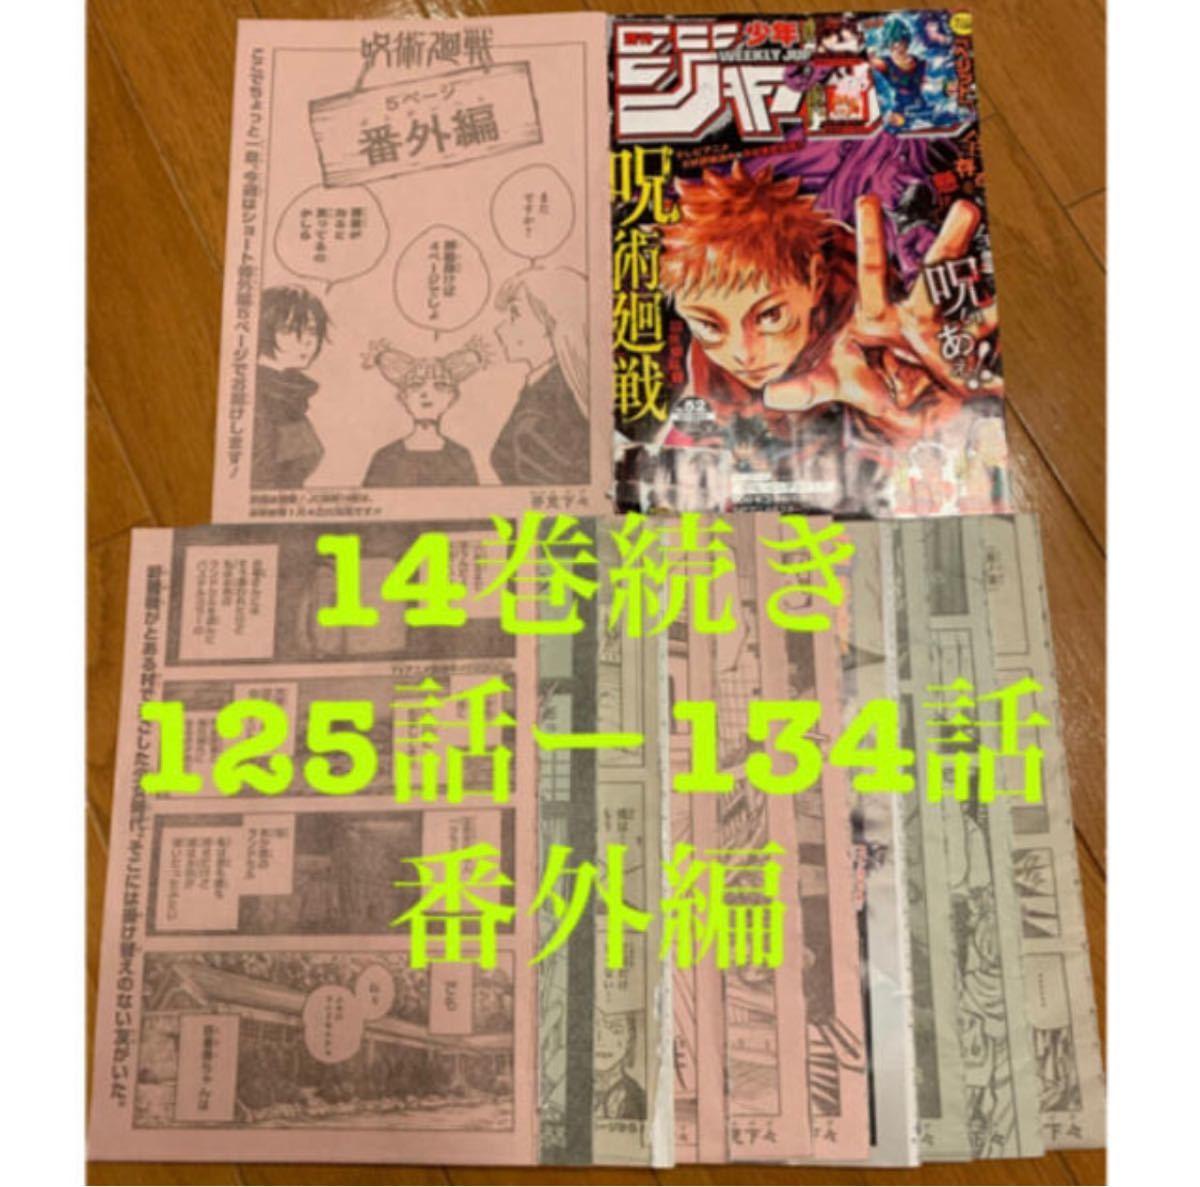 125 戦 呪術 廻